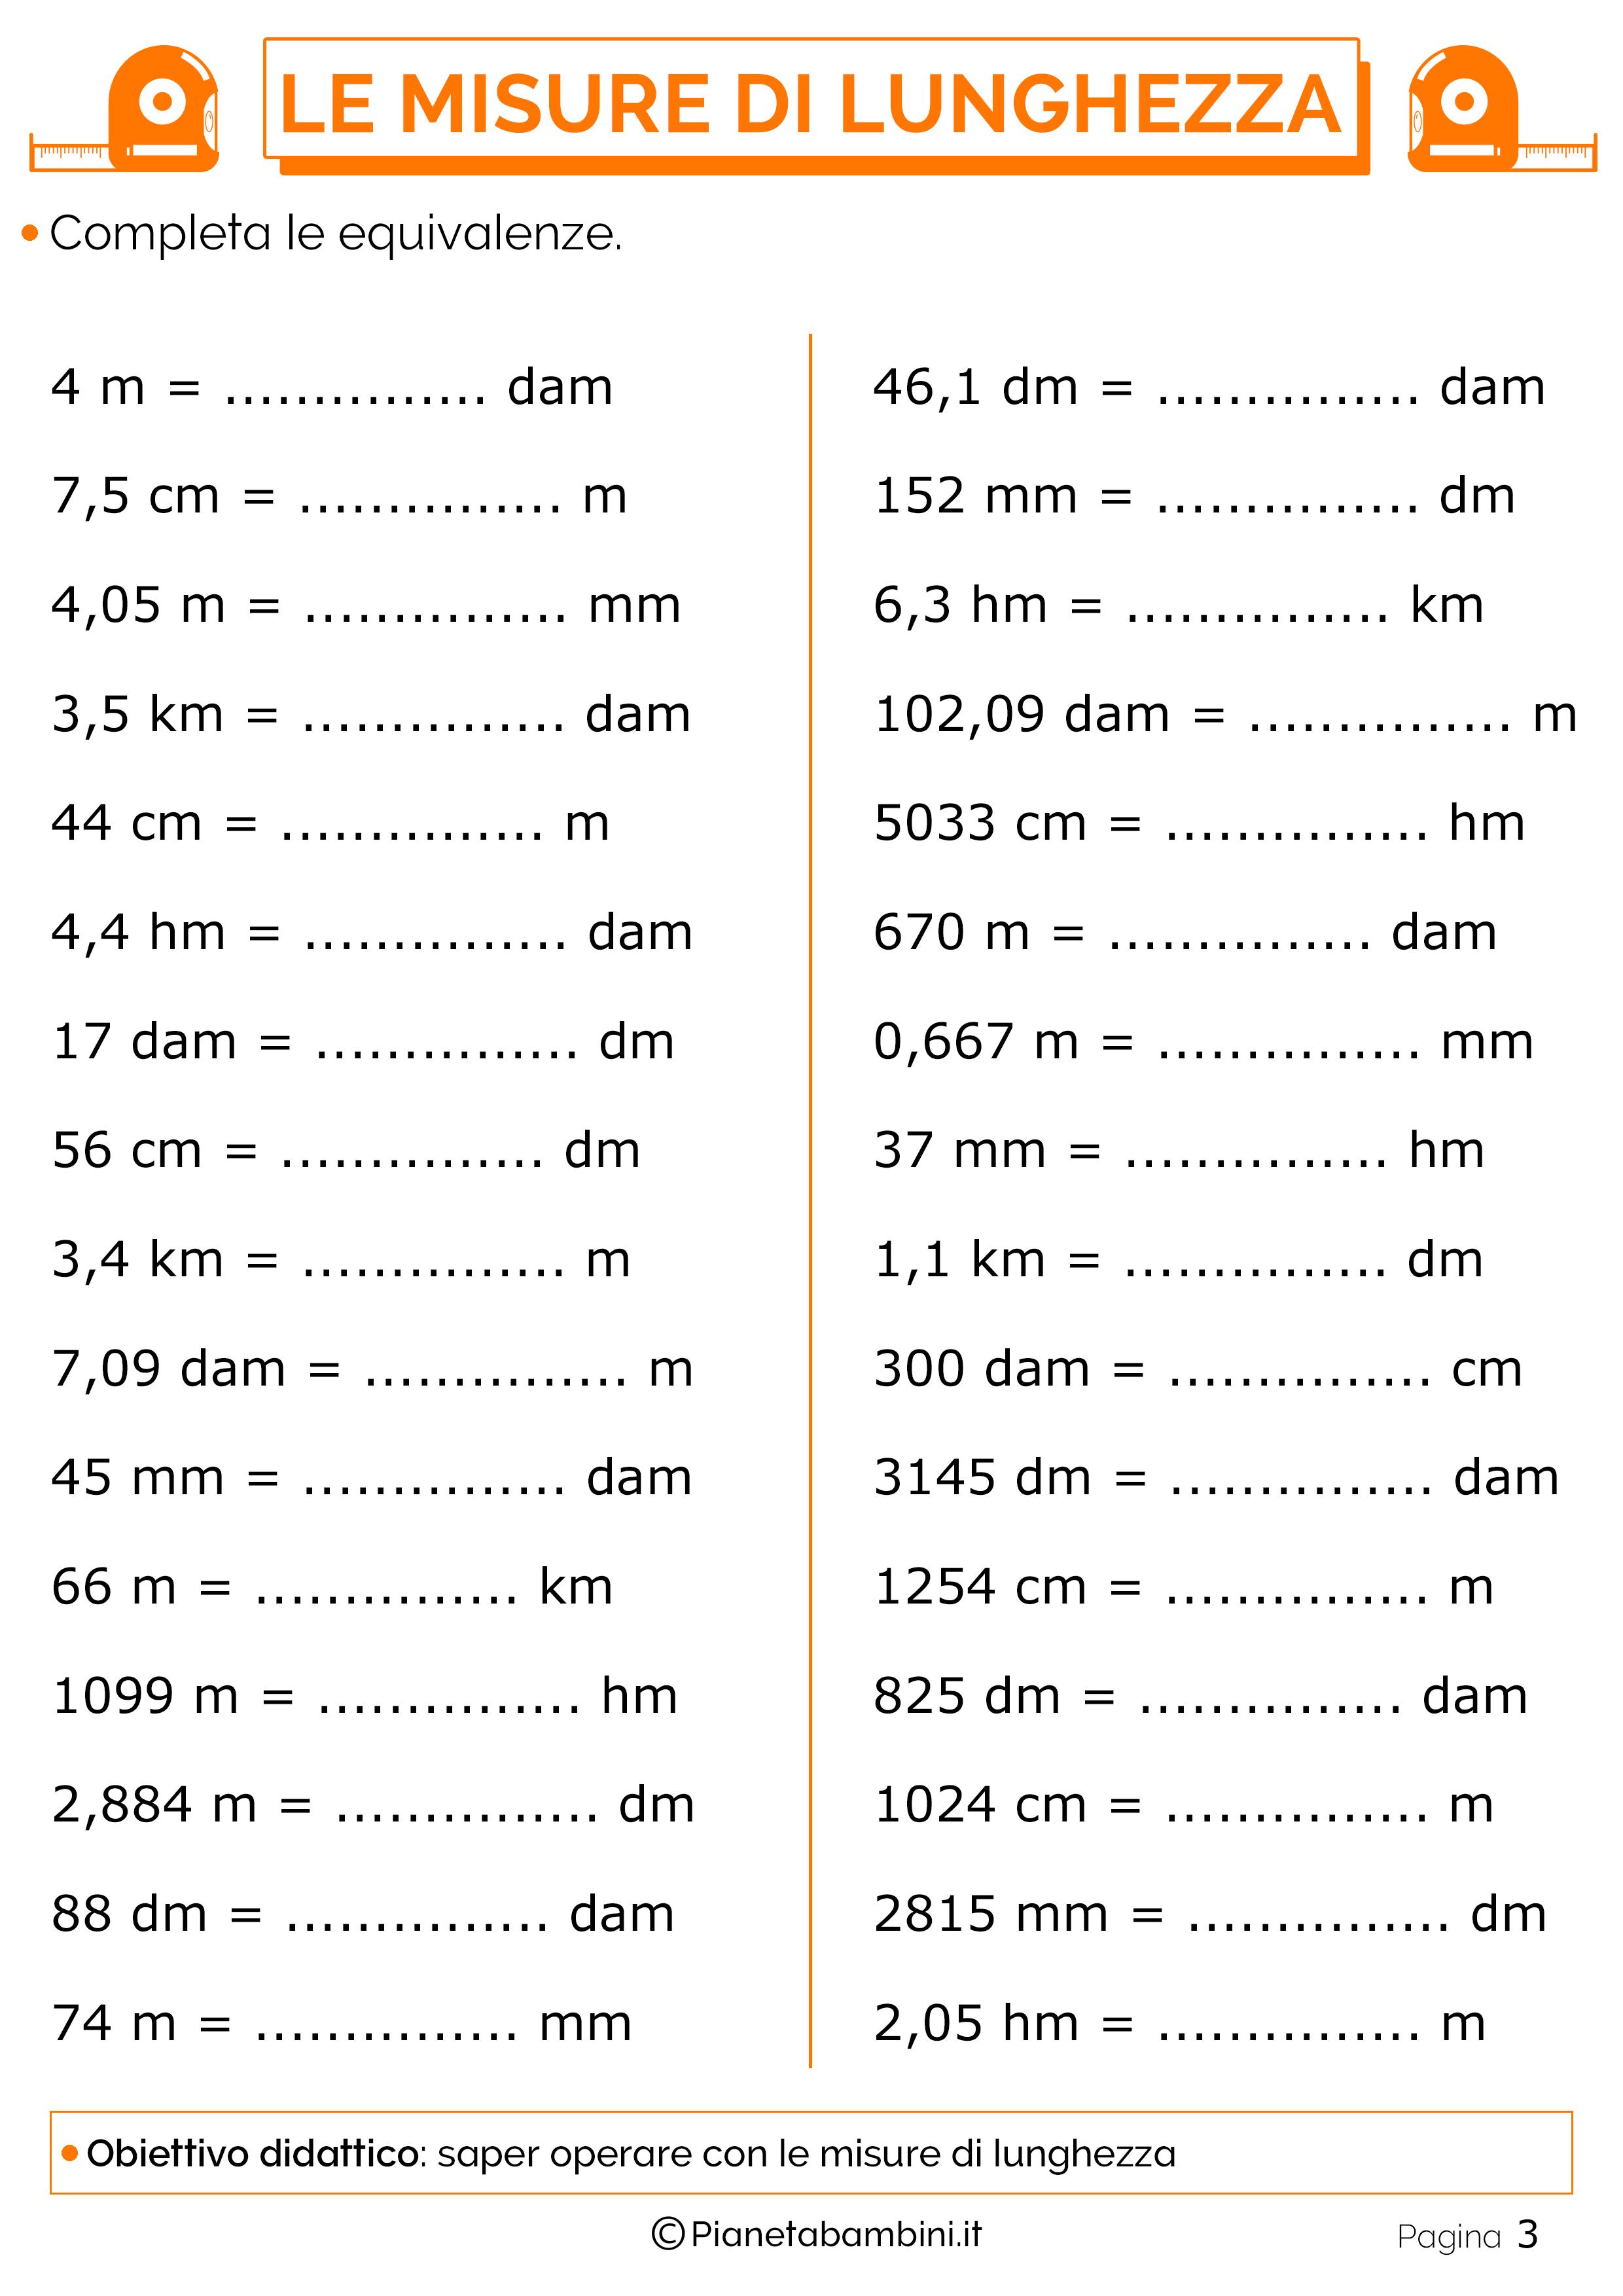 Esercizi-Equivalenze-Misure-Lunghezza-1